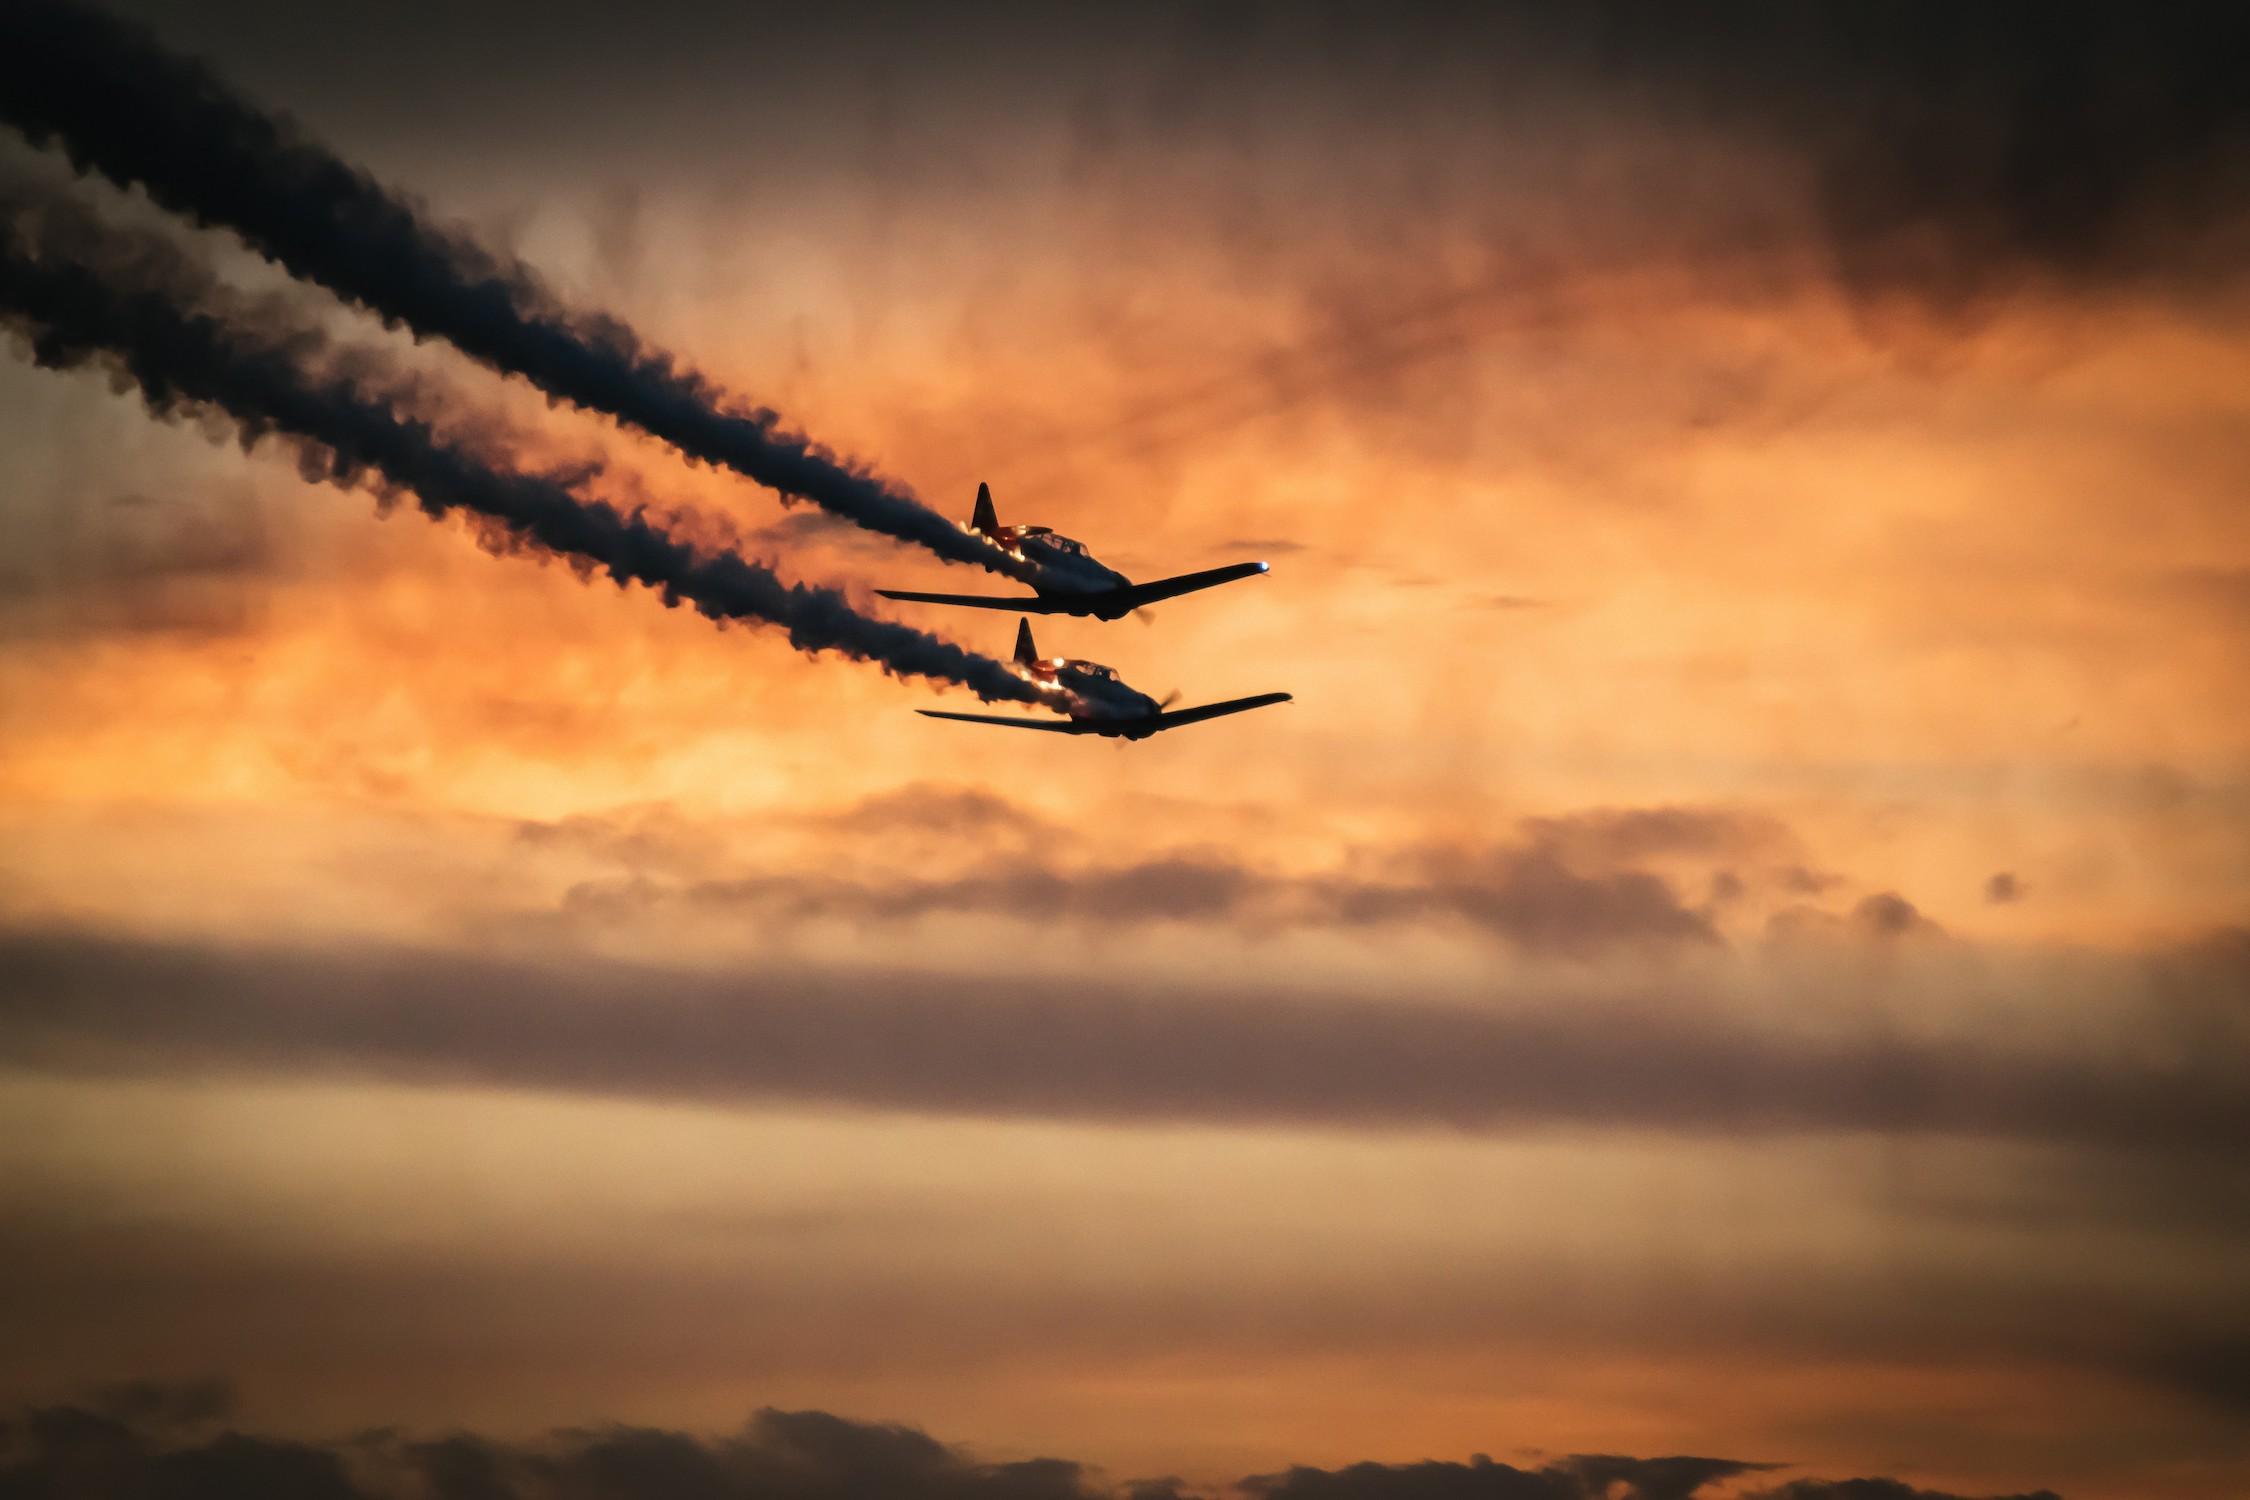 Danse des avions decoration murale